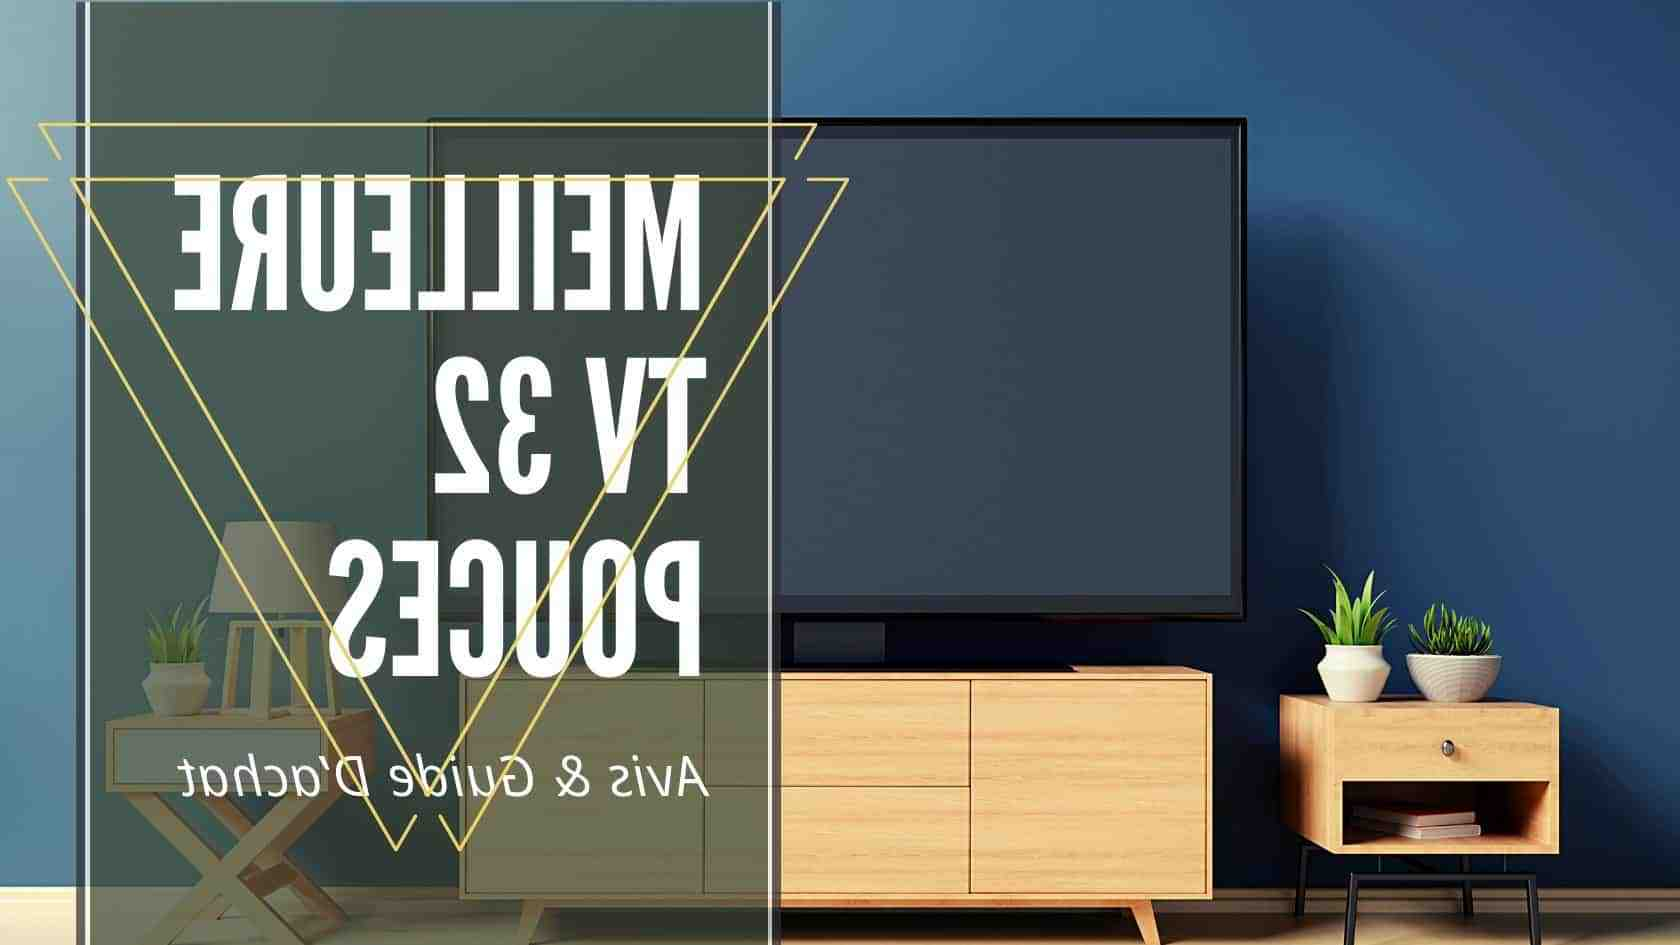 Quelle est la meilleure TV 80 cm ?